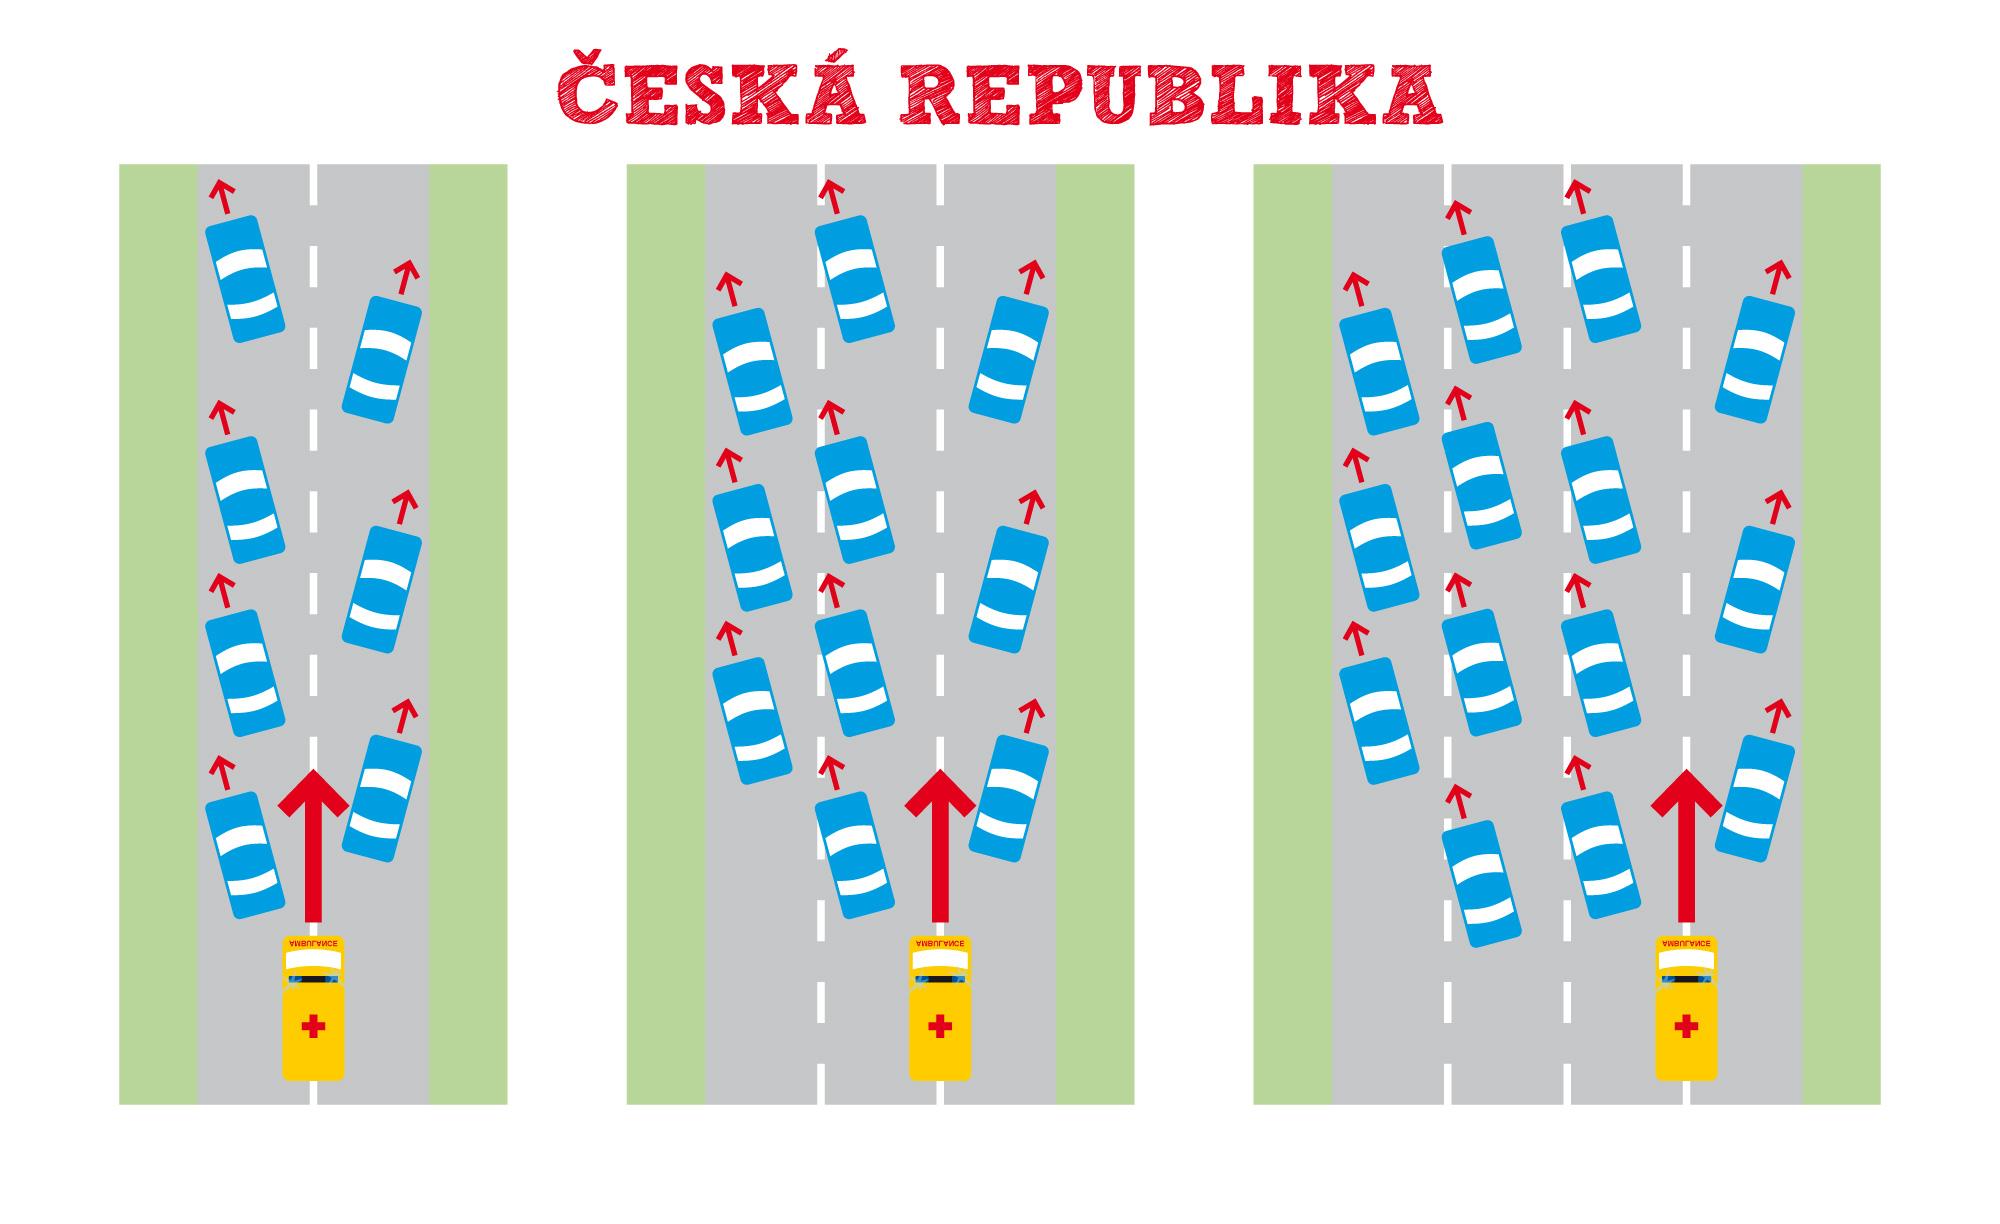 Jak se řadit v koloně - Česko